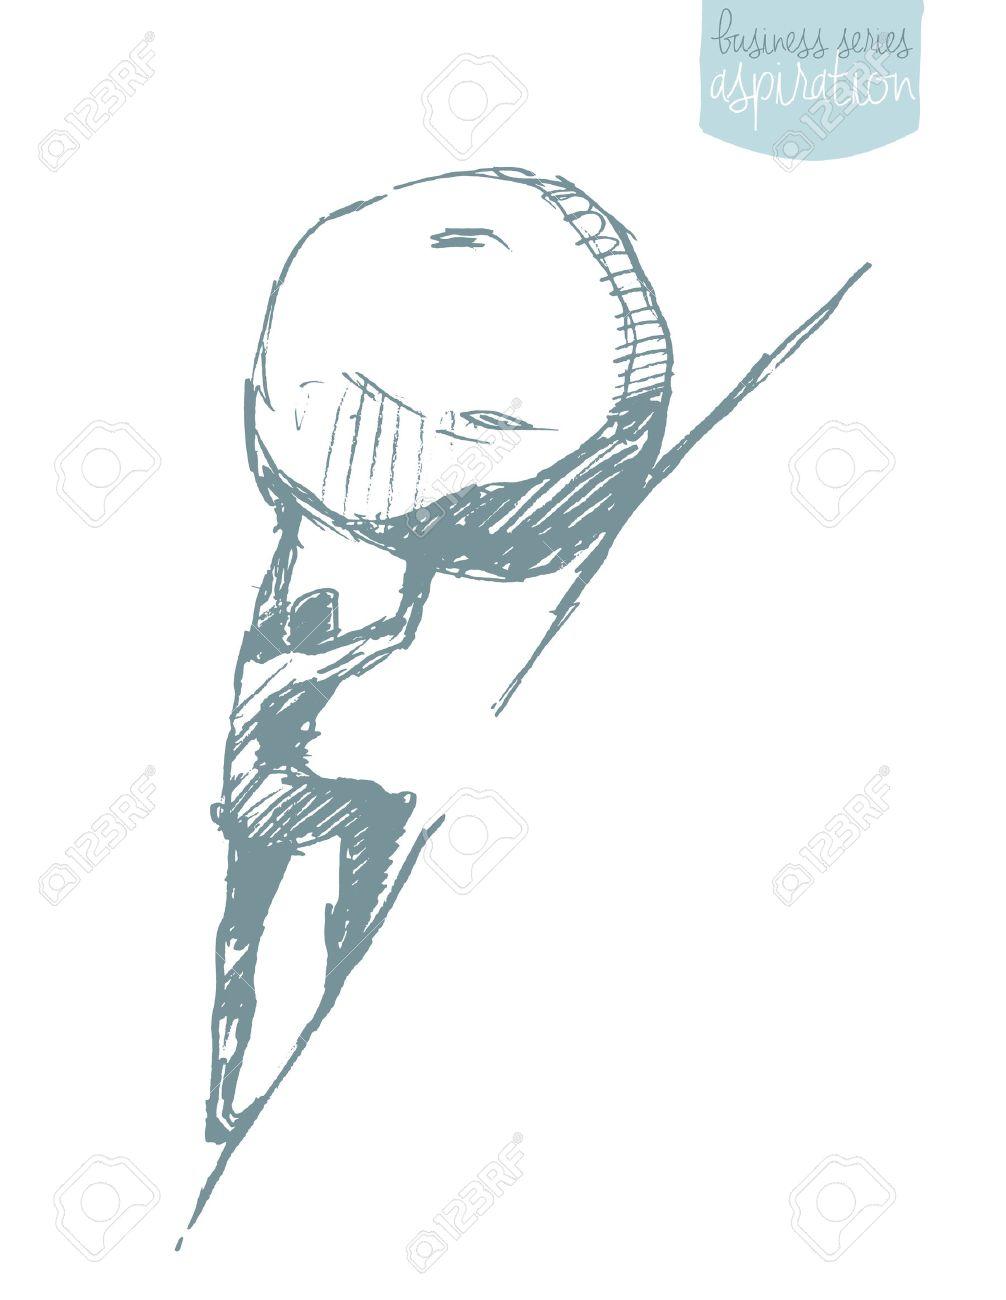 Young businessman pushing large stone uphill, illustration, sketch. Sisyphus myth. - 63805926